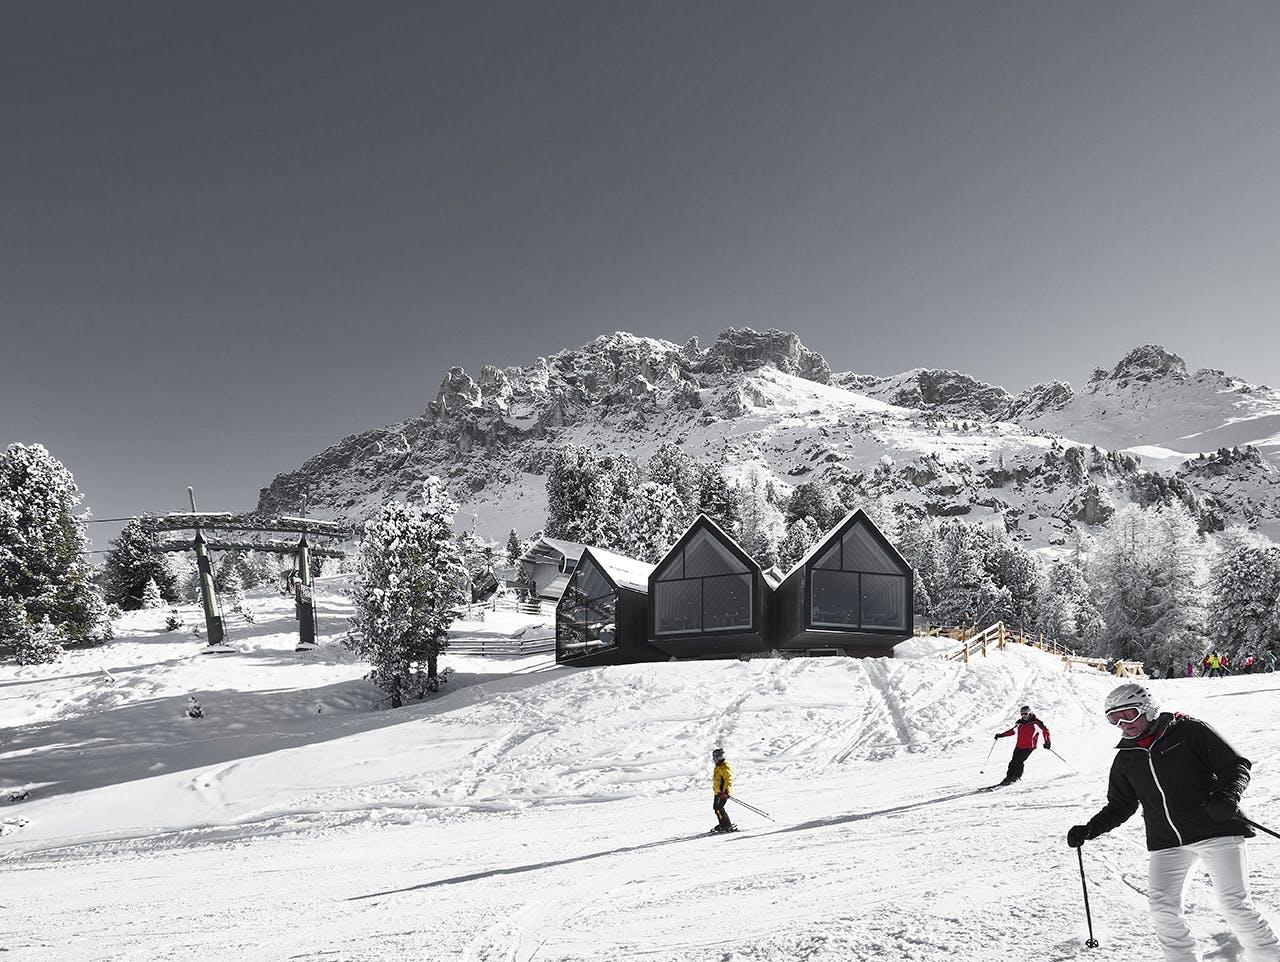 ski skiferie skirejse alperne alpin skiløb skihytte Italien skiløbere